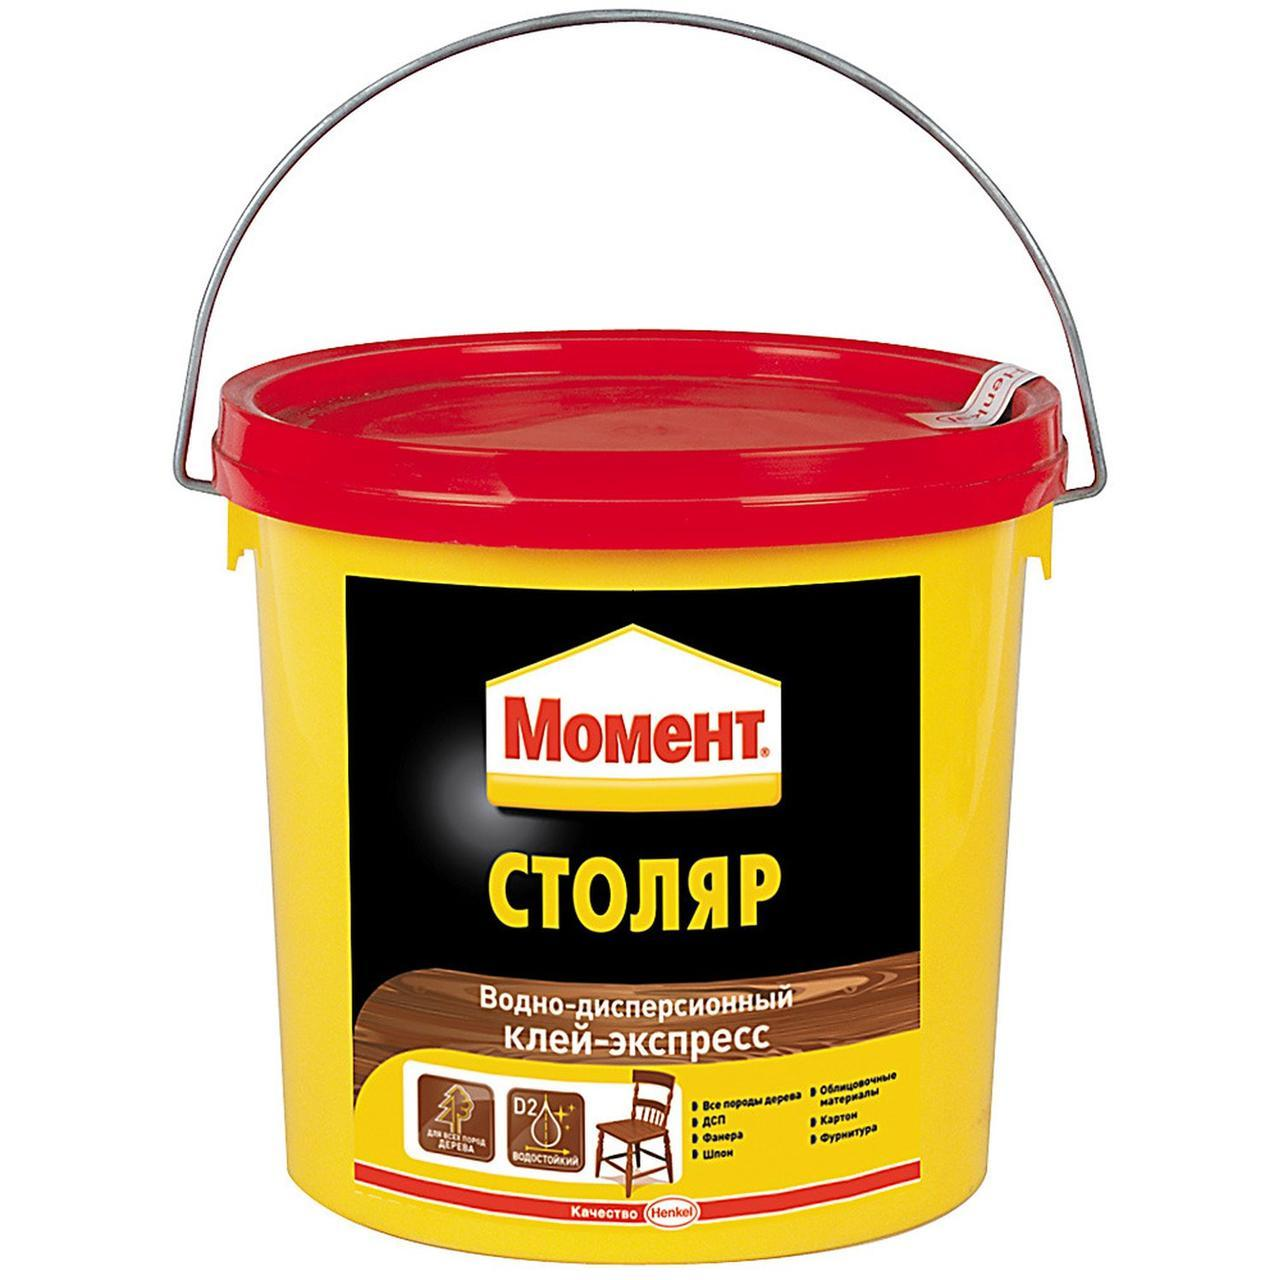 МОМЕНТ Столяр Водно-дисперсионный клей-экспресс для всех пород дерева, 750 г, банка